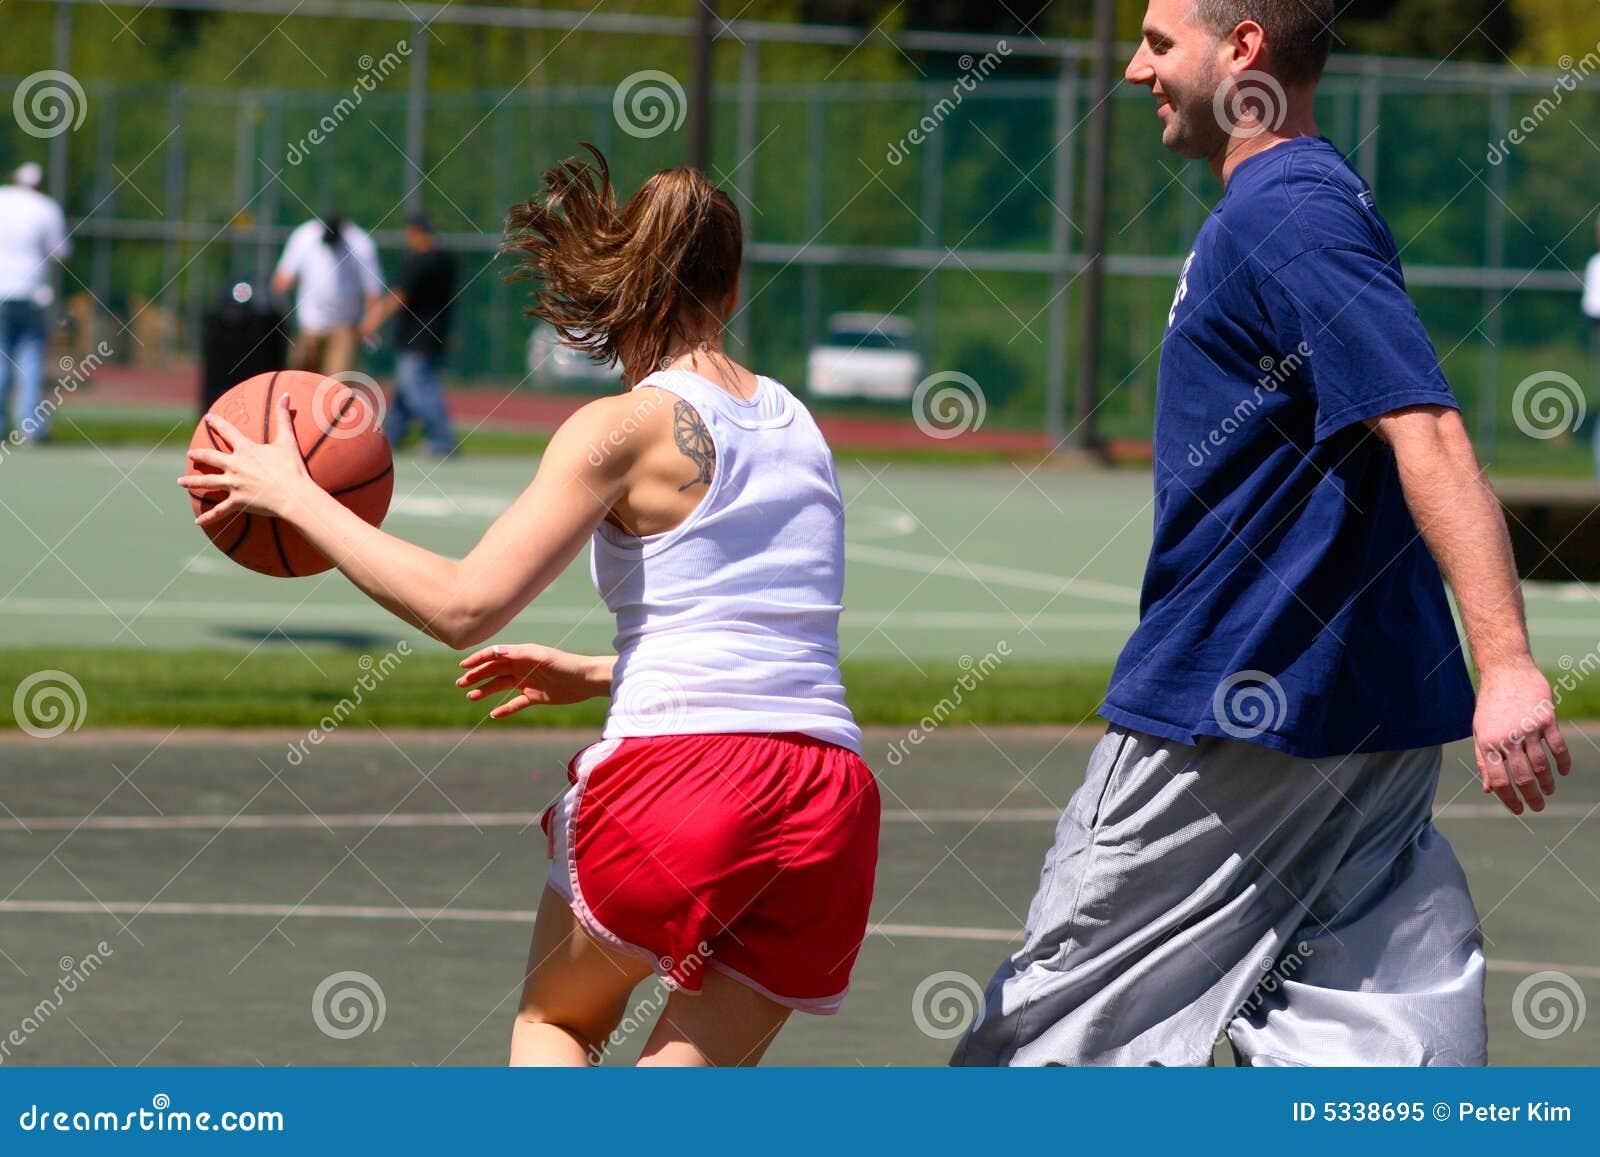 Equipo De Baloncesto De Las Mujeres Imagen De Archivo: Hombre Y Mujer Que Juegan A Baloncesto Imagen De Archivo